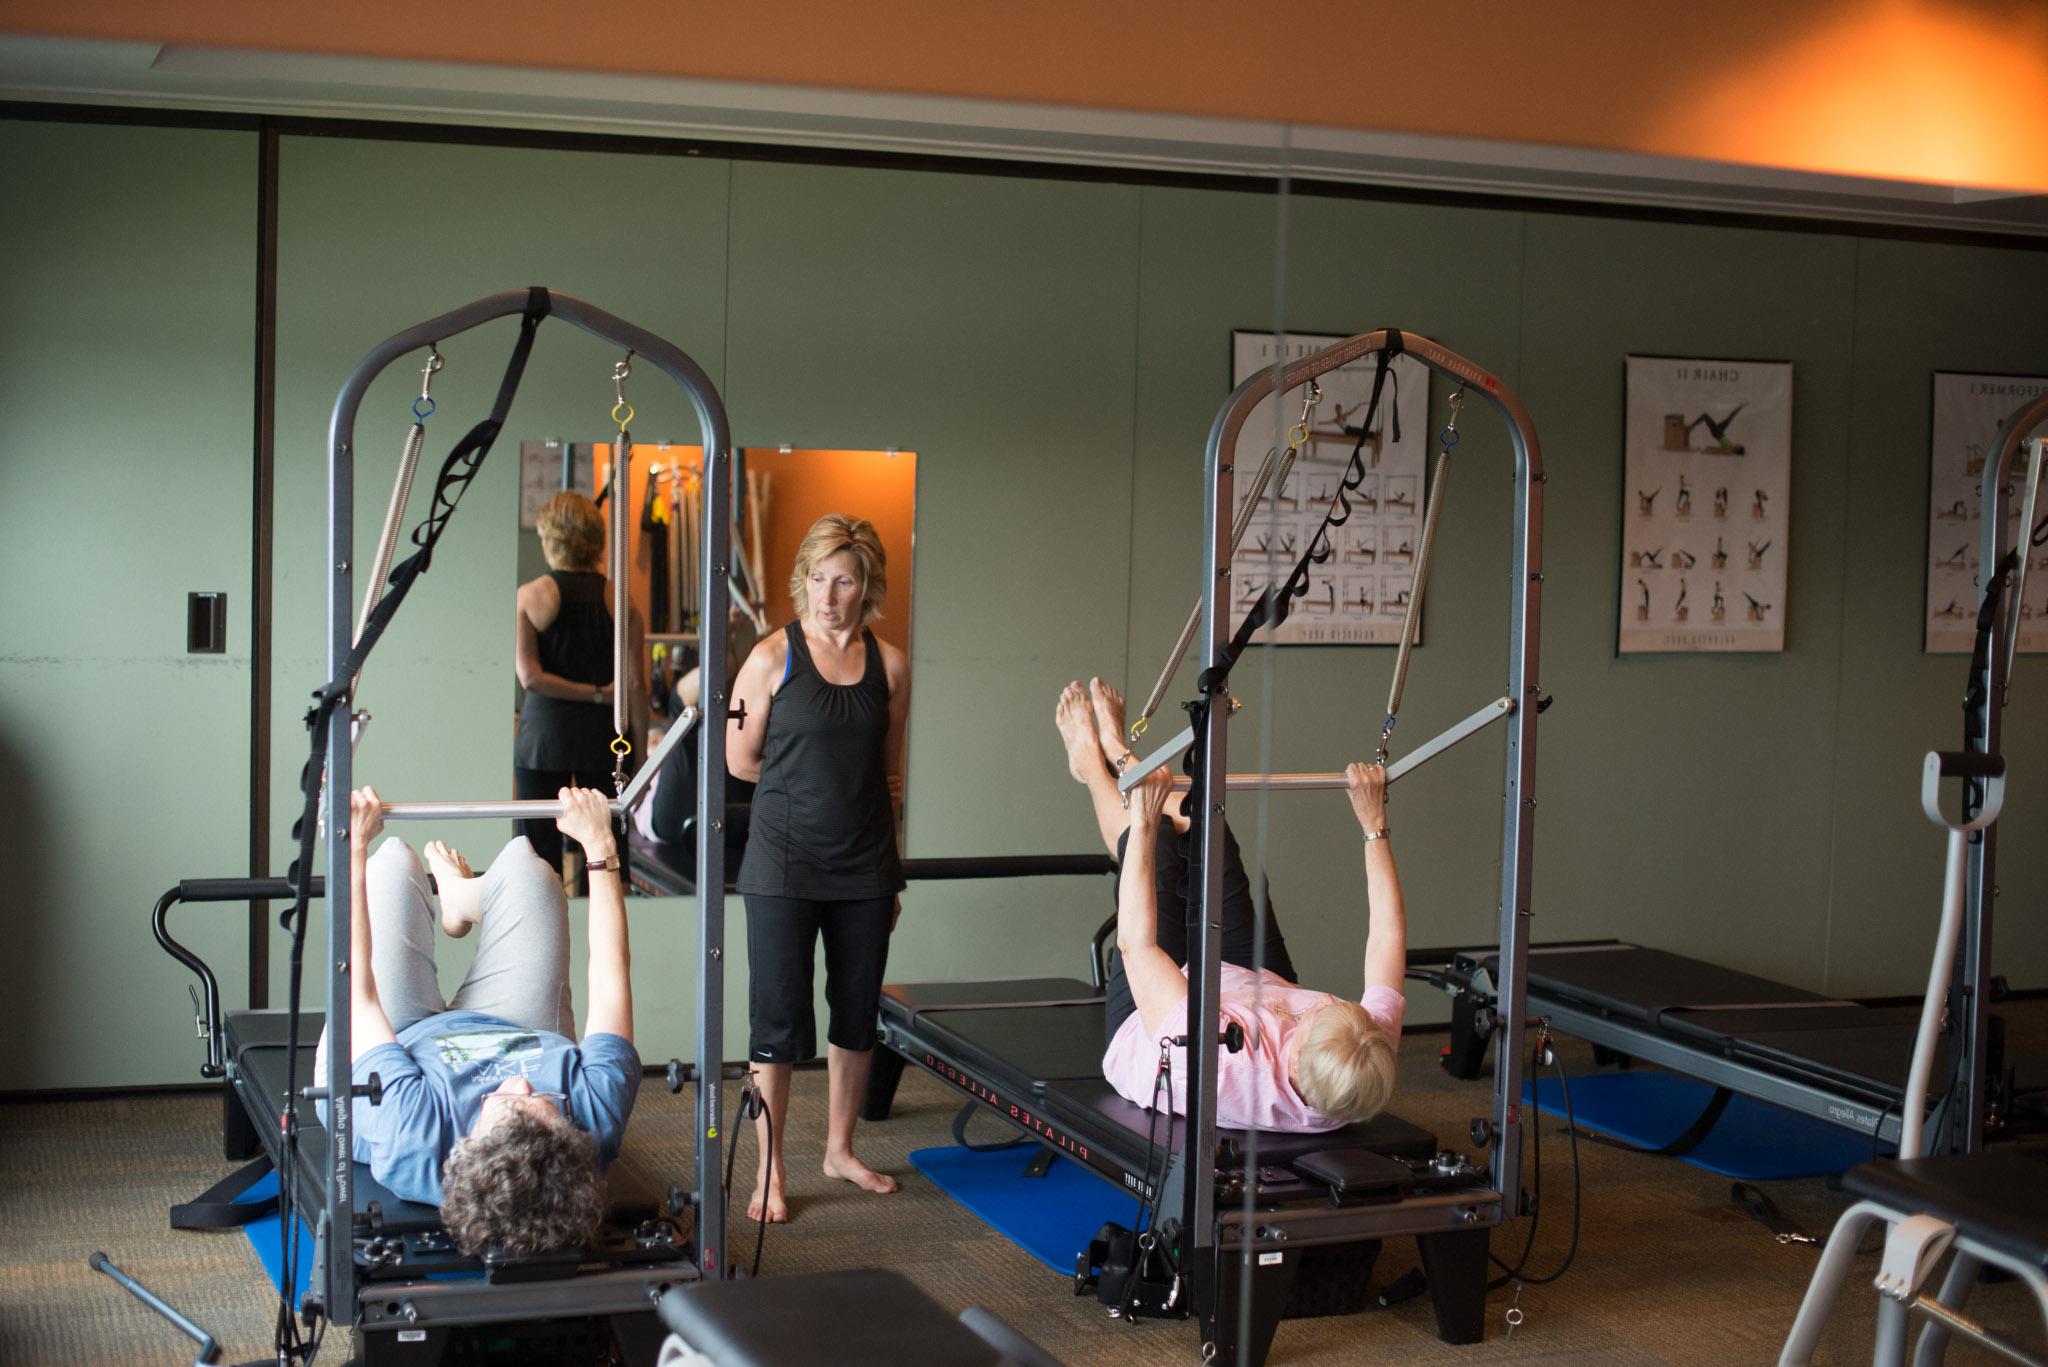 Wellness Center Stock Photos-1132.jpg